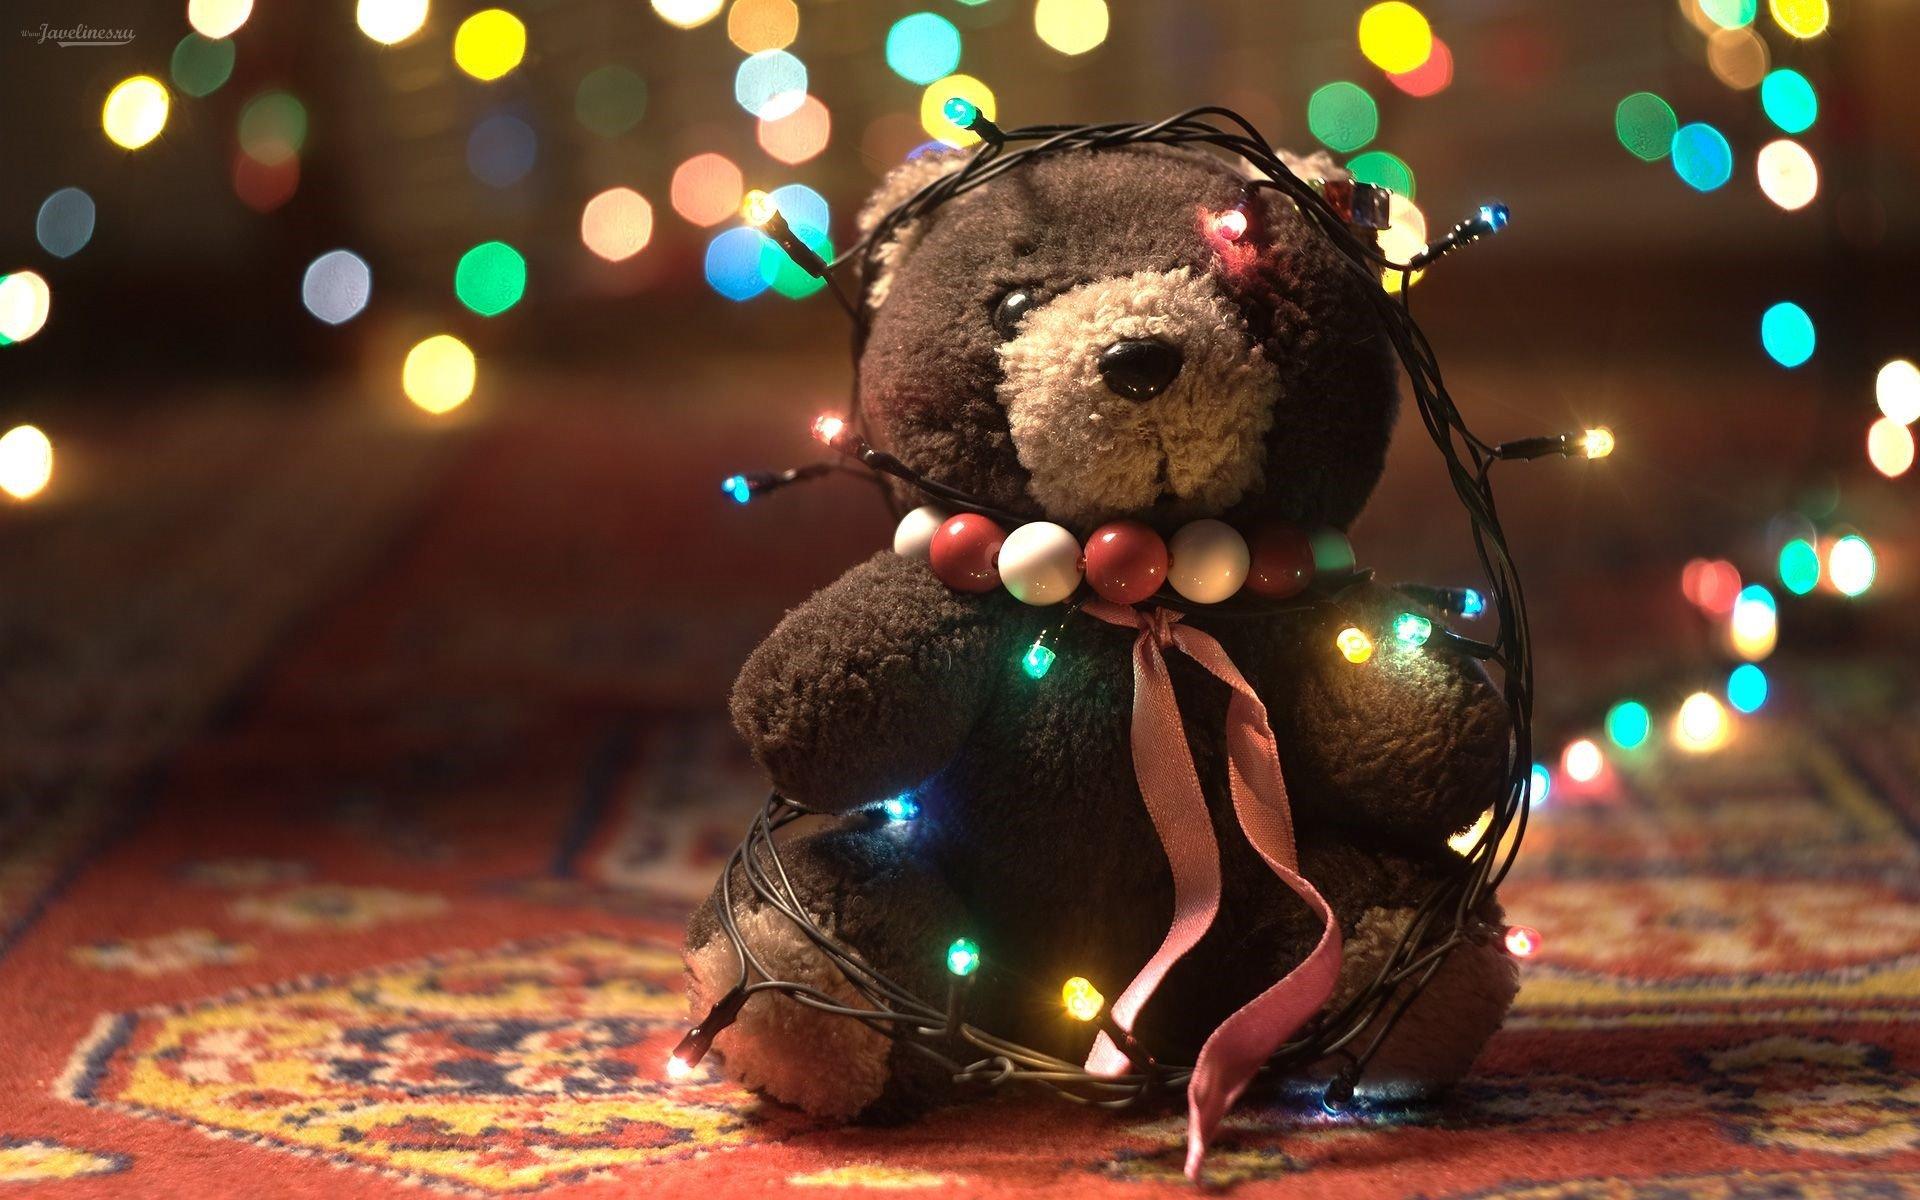 Fondos de pantalla Osito de peluche con luces de Navidad